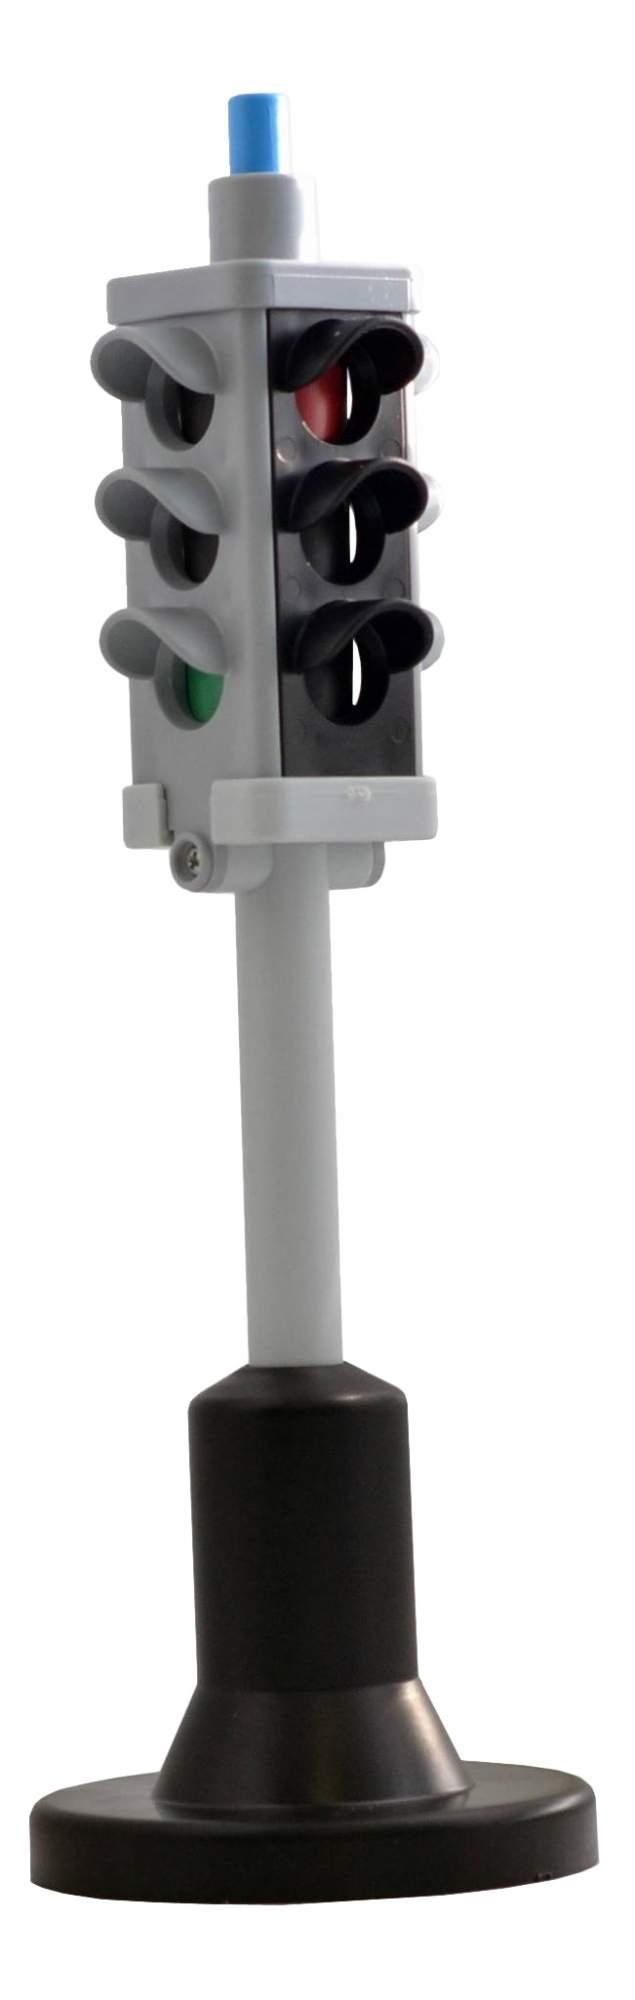 Дорожный знак Форма Светофор